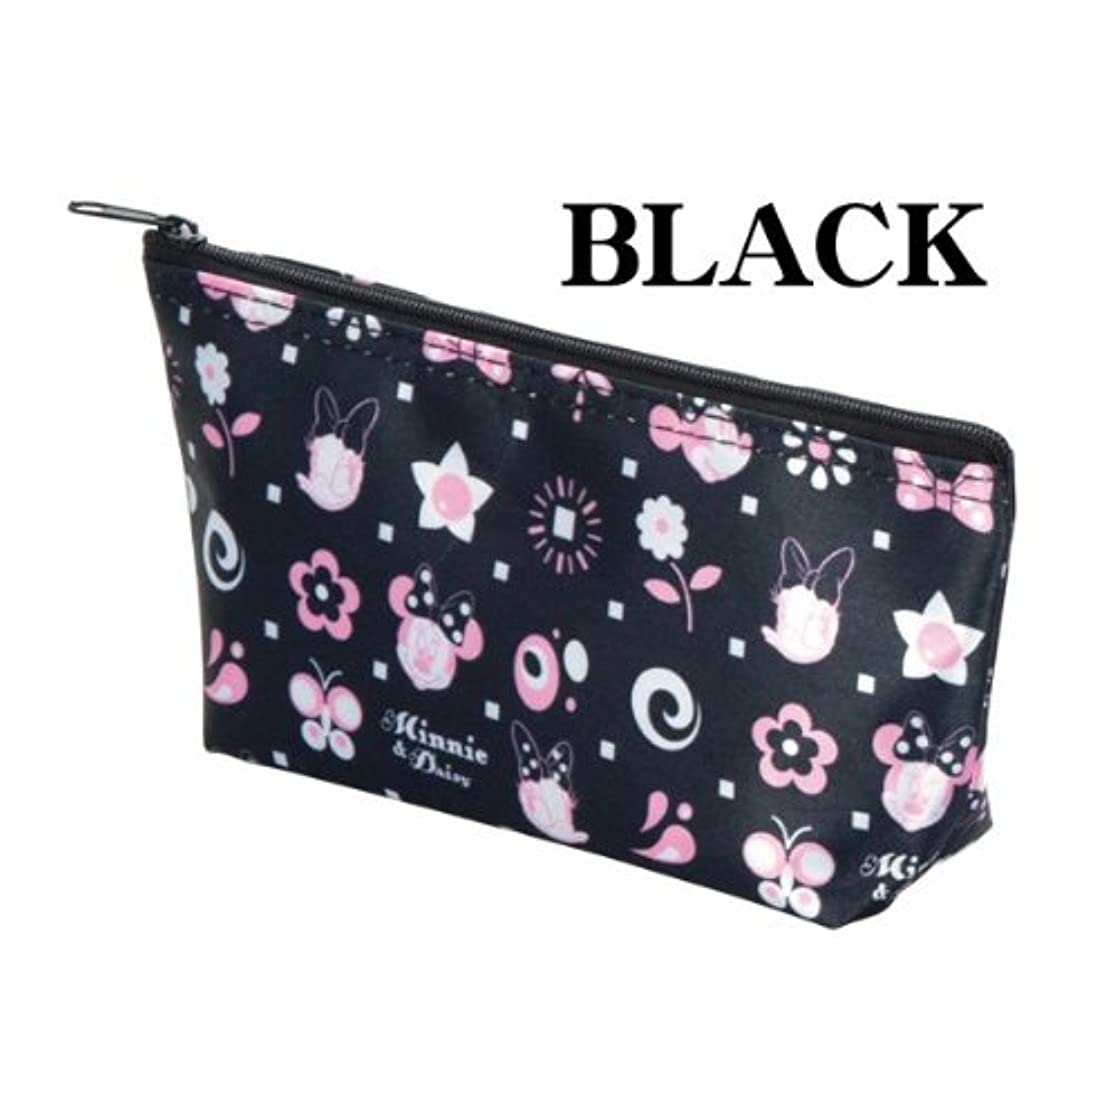 起点黙塊Disney(ディズニー) スイートキャラクターポーチ(ピンク?ブラック) (ブラック)